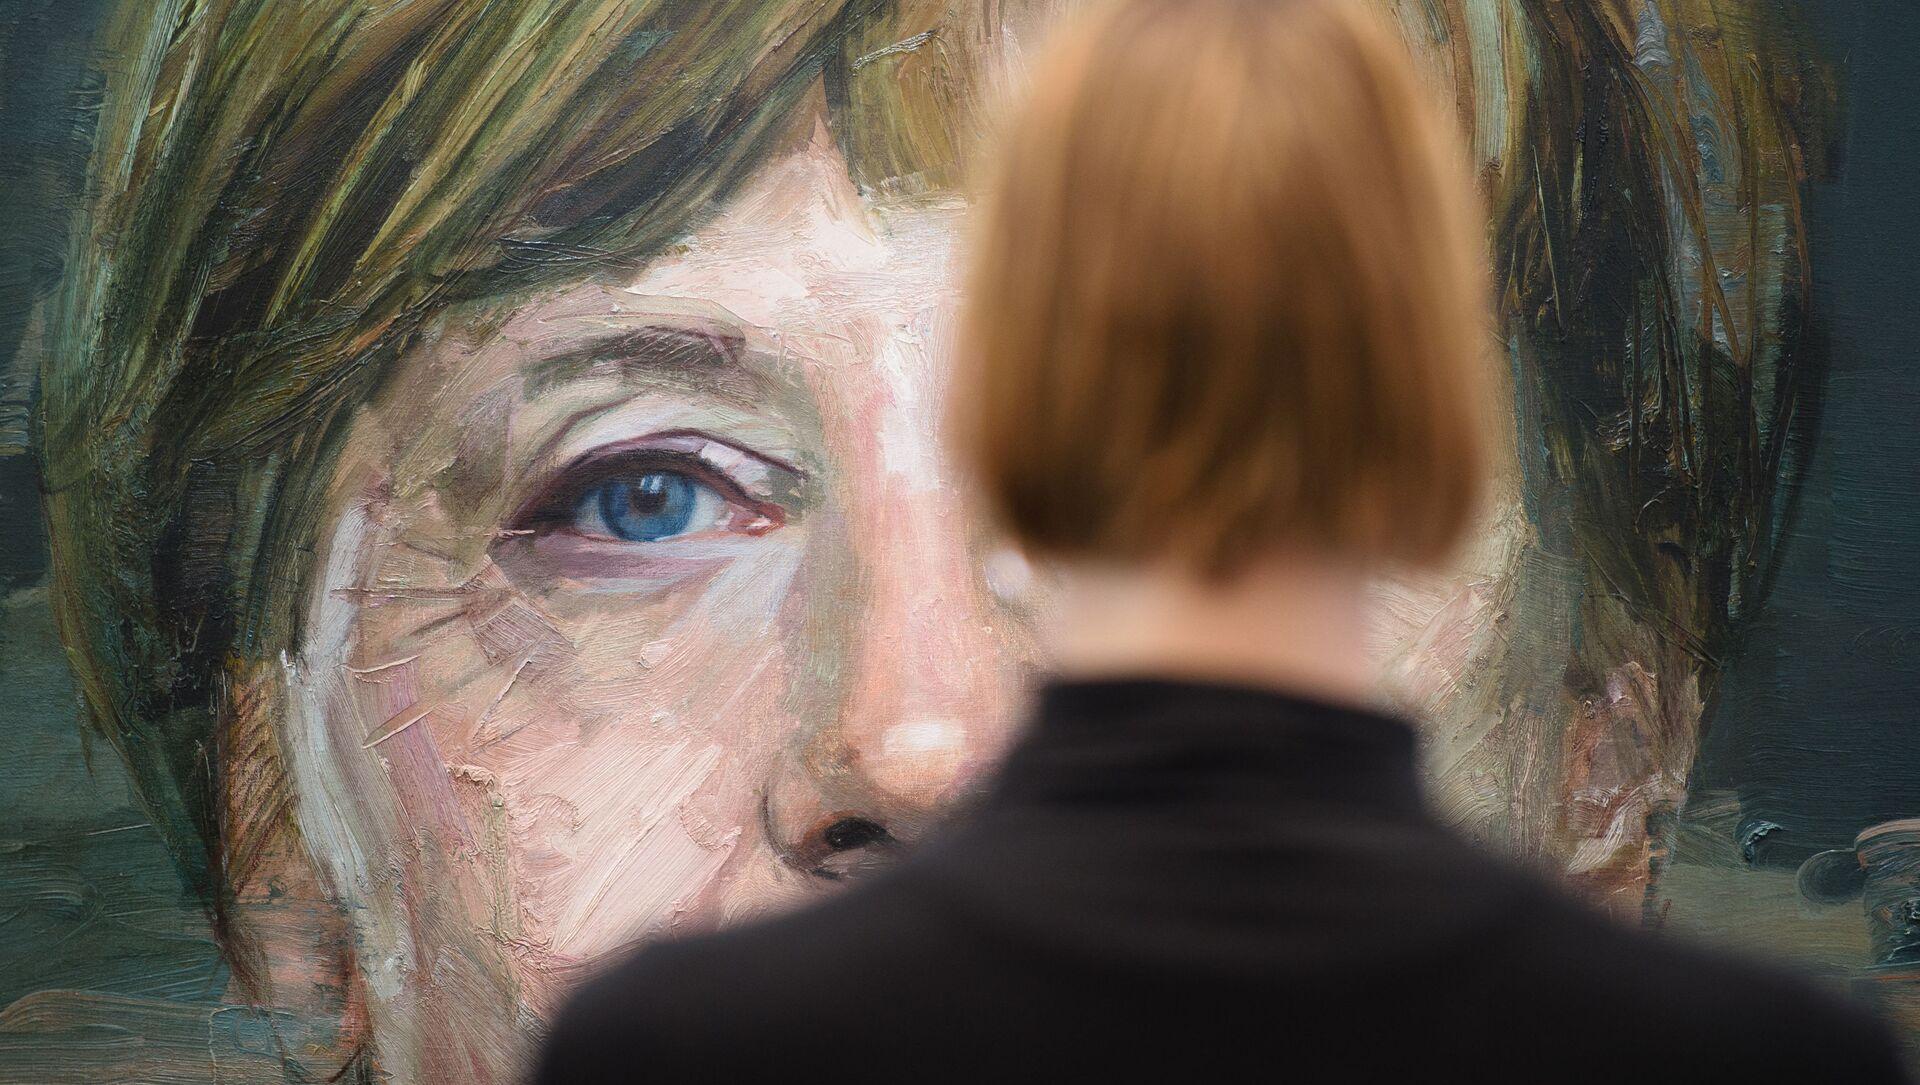 Chân dung bà Angela Merkel do hoạ sĩ Colin Davidson vẽ, tại Hội chợ Nghệ thuật London - Sputnik Việt Nam, 1920, 21.09.2021